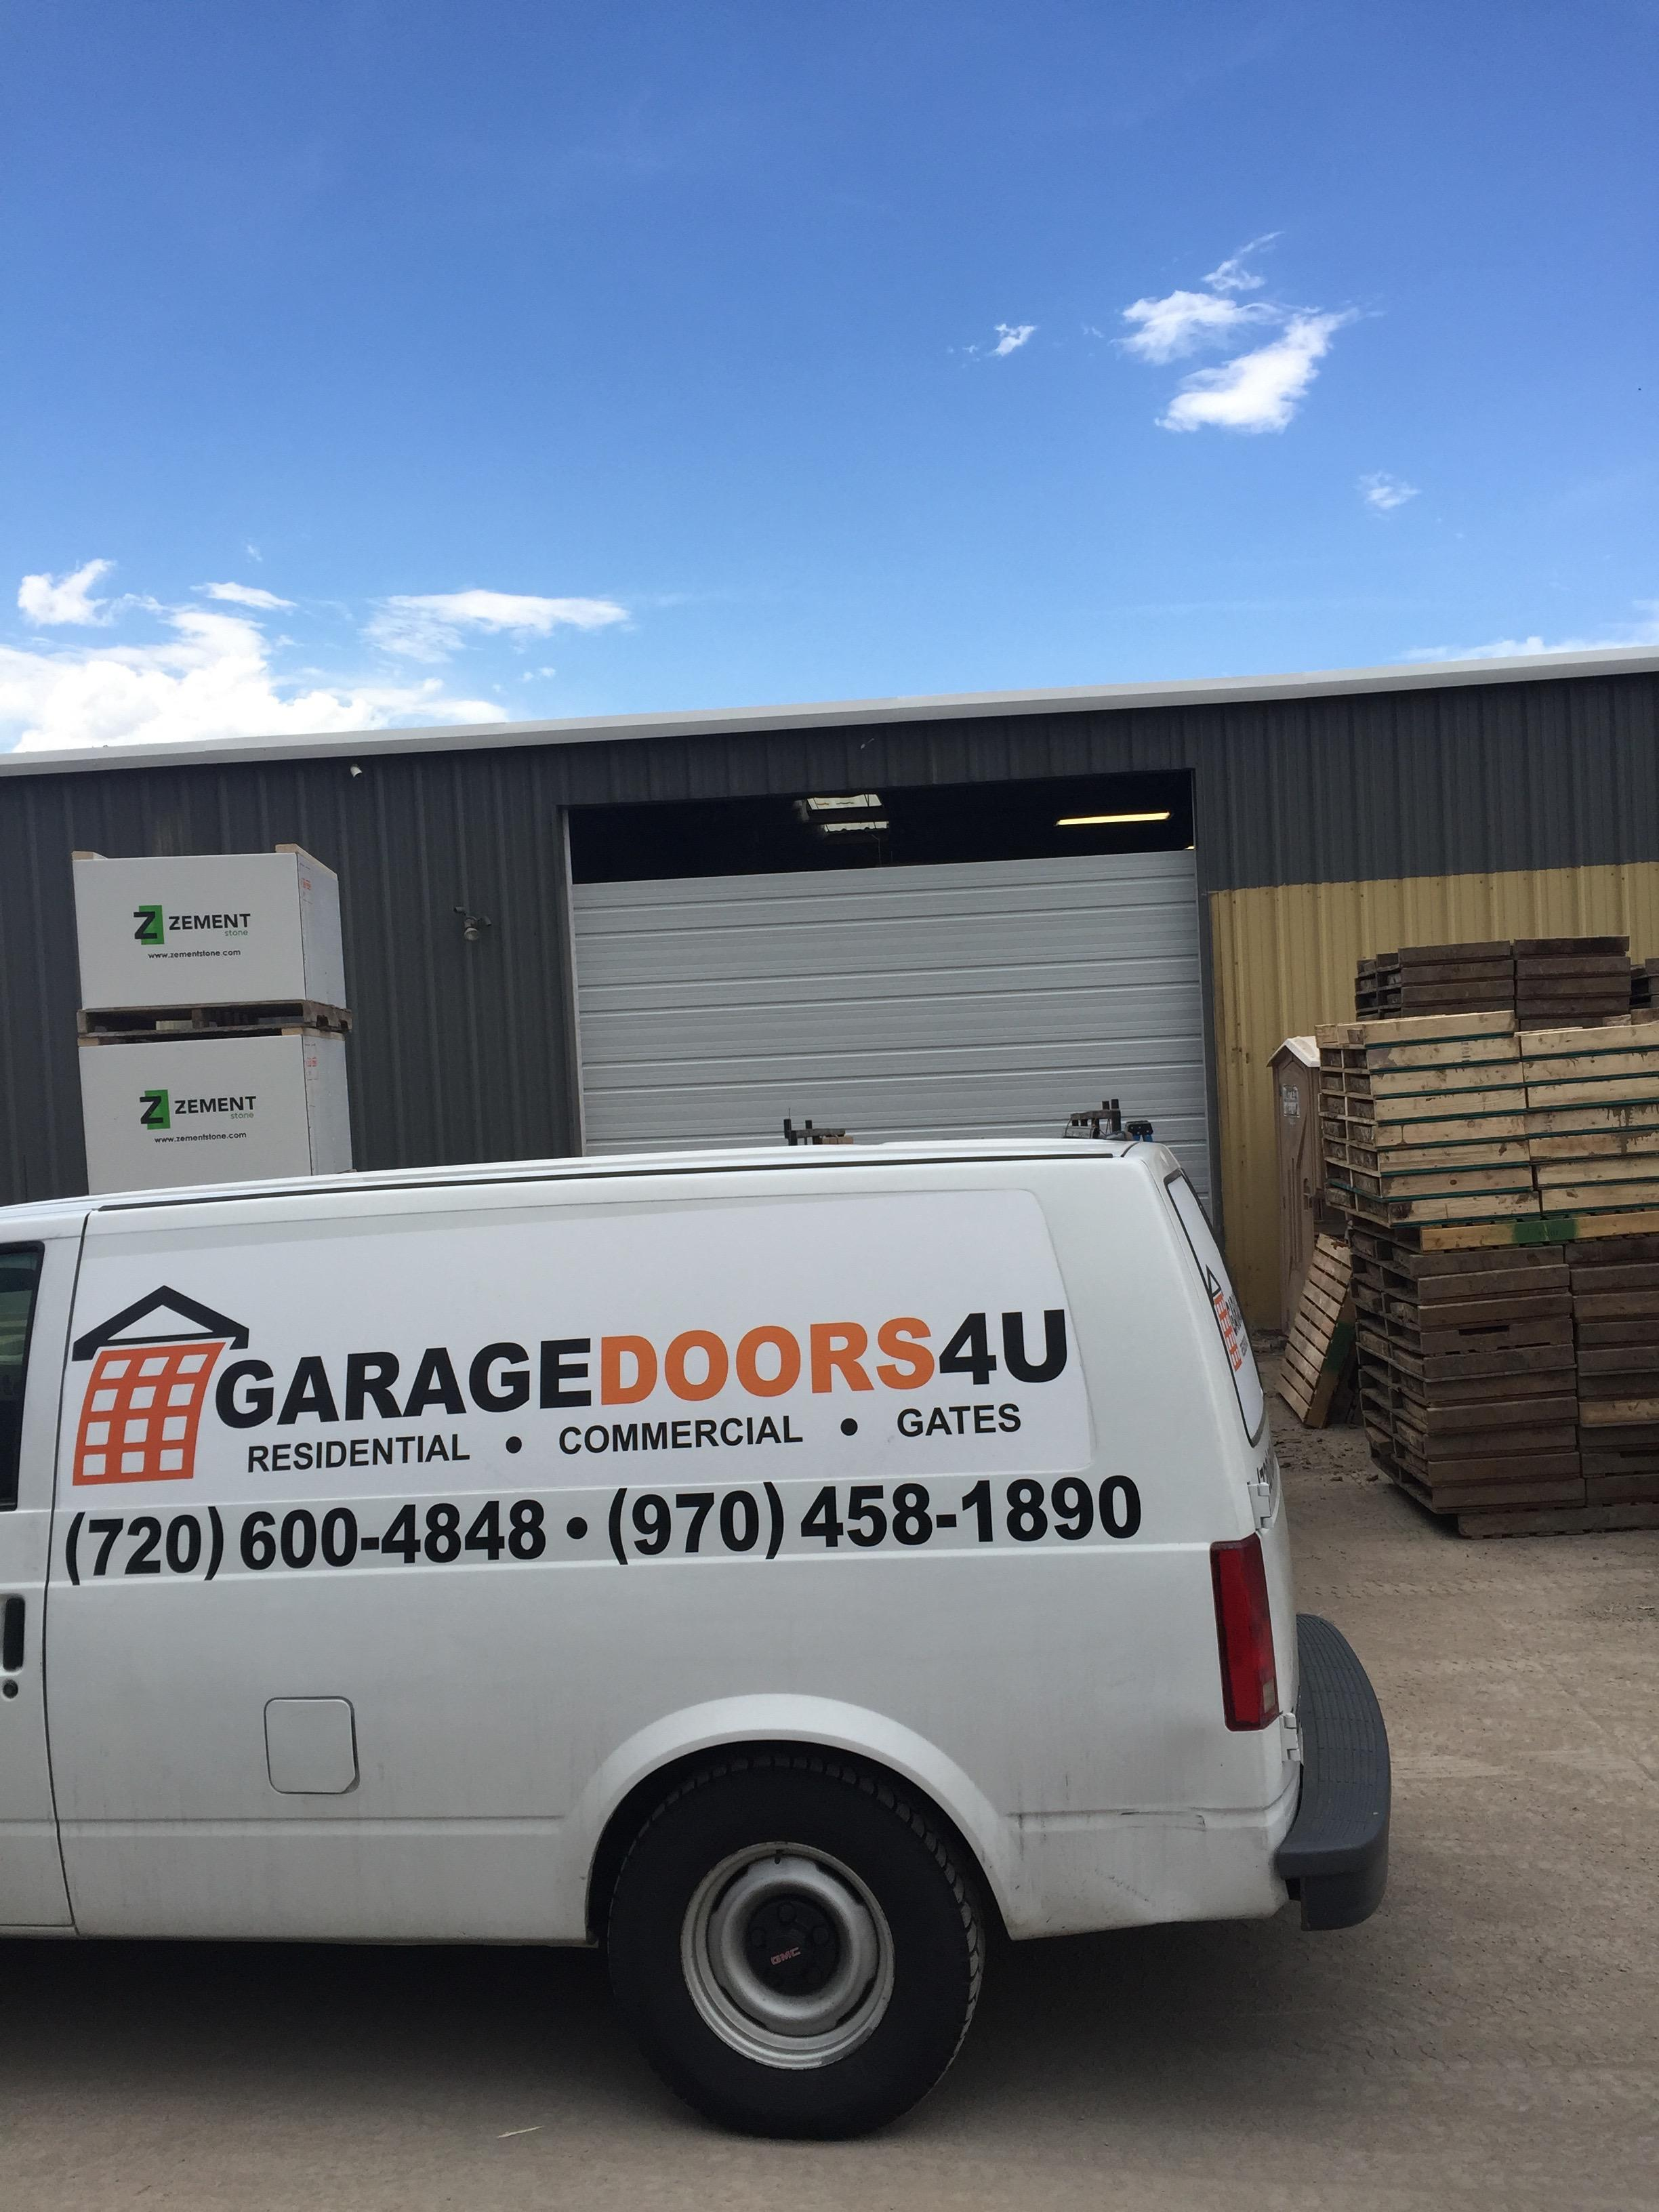 Garage Doors 4 U image 0